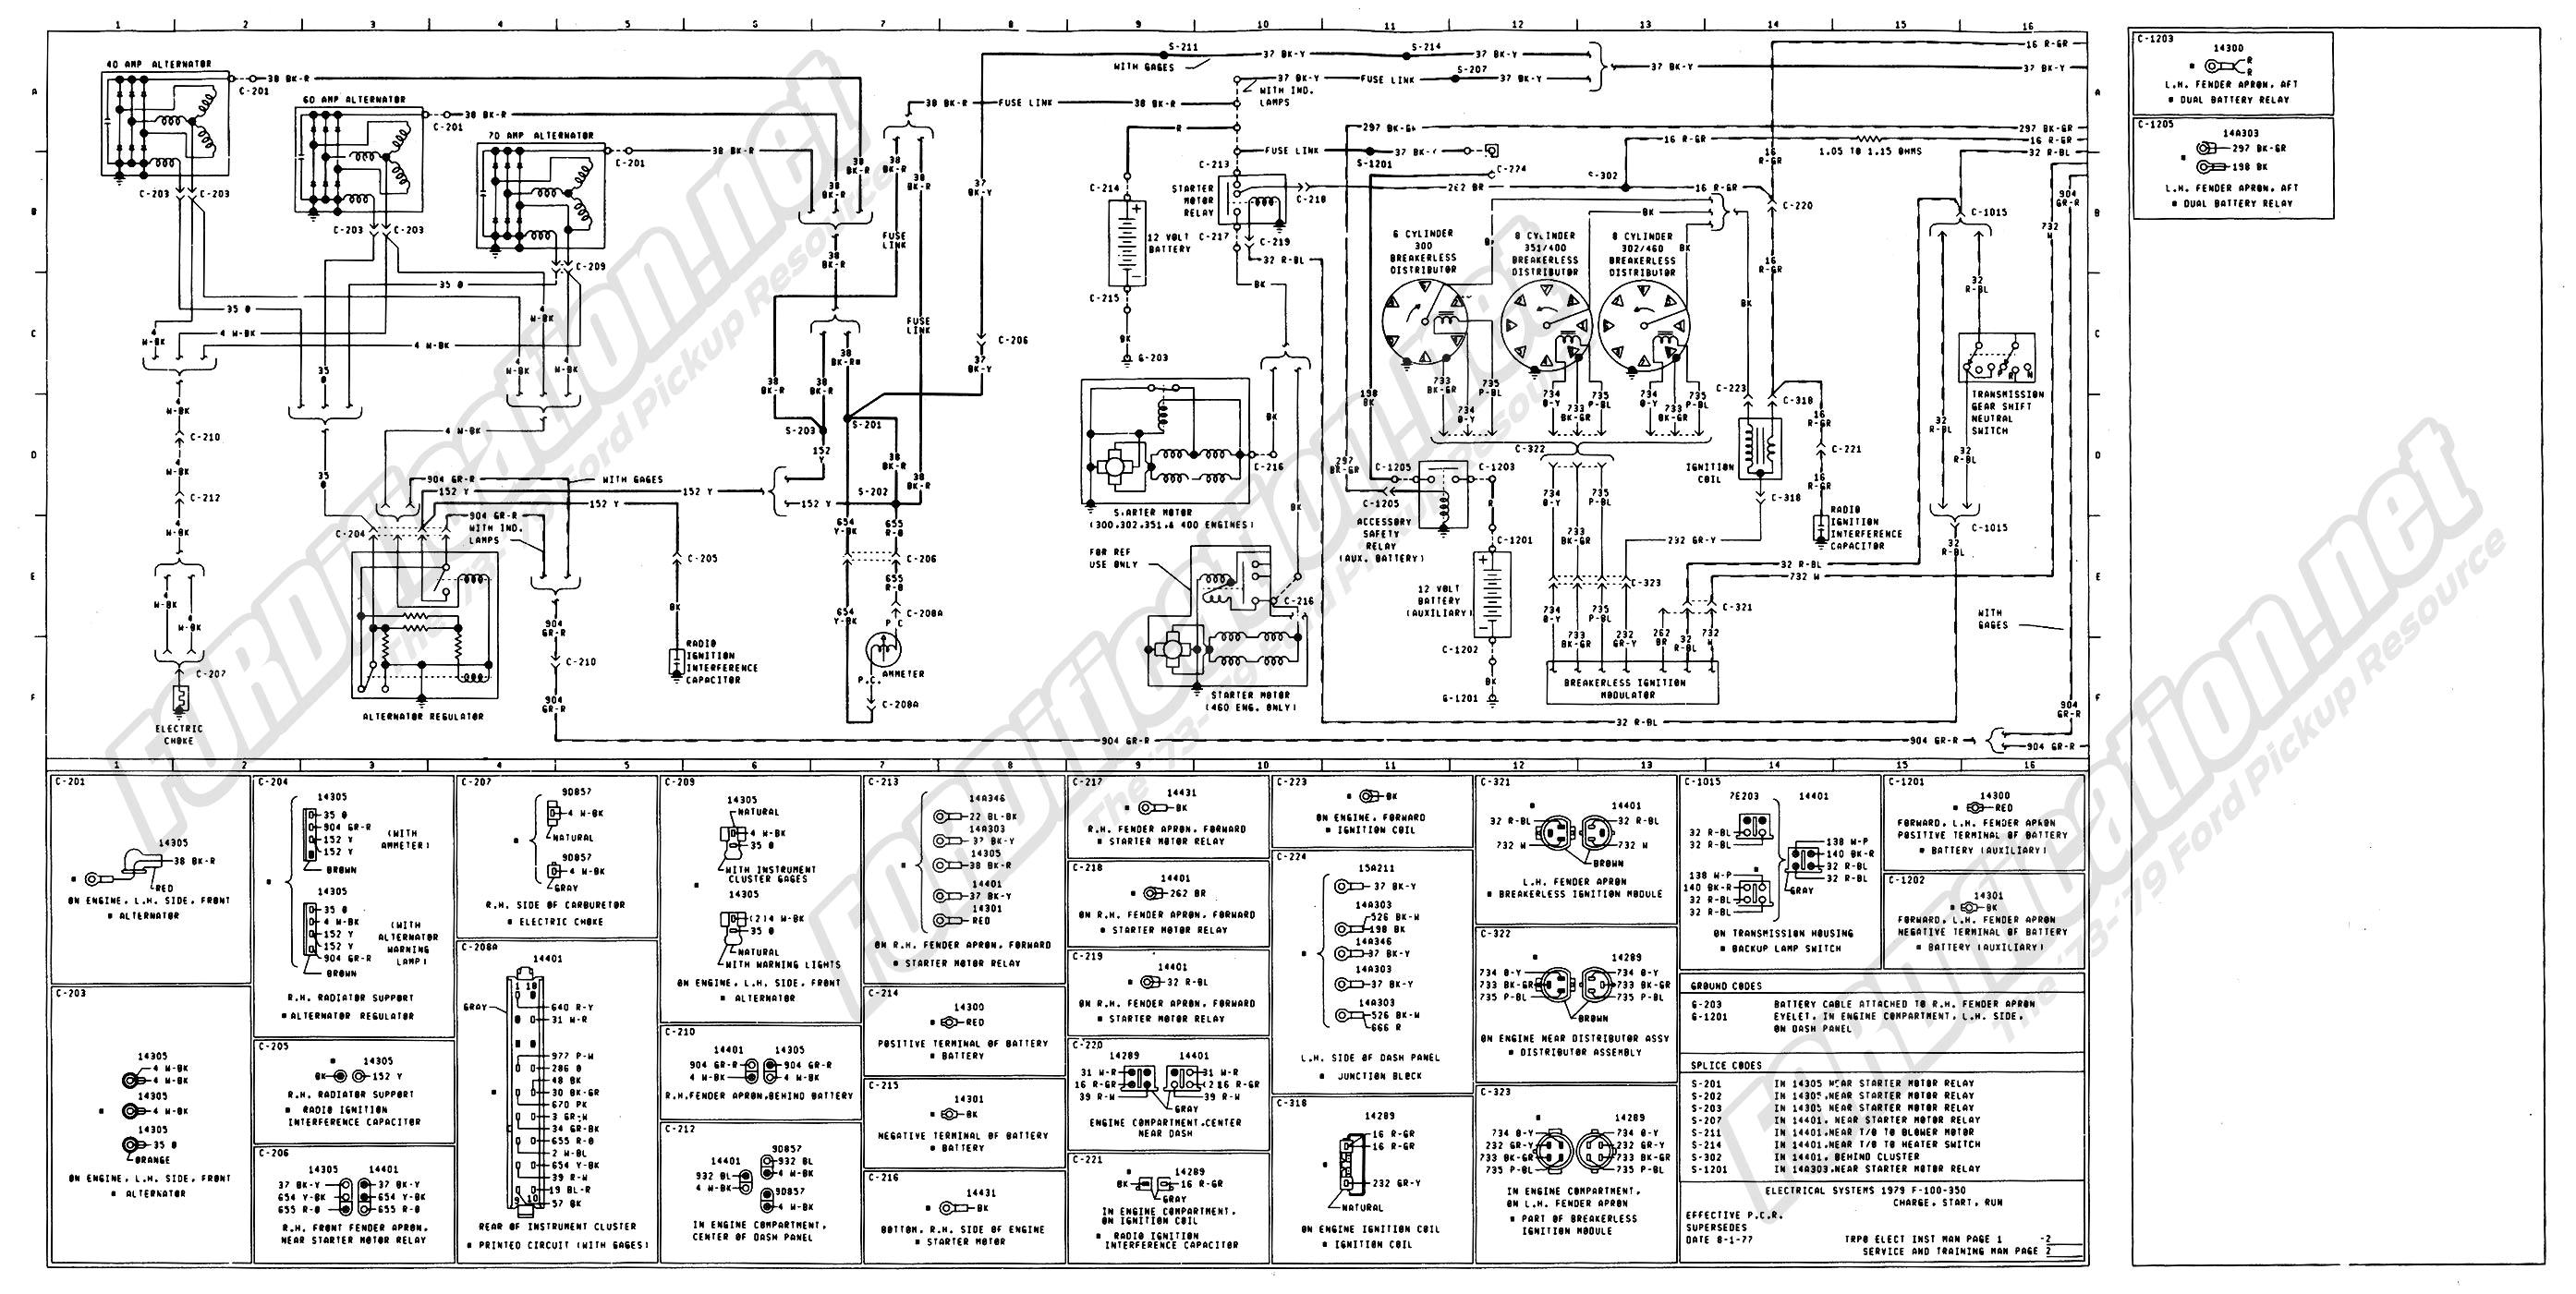 2001 f150 heater wiring schematic